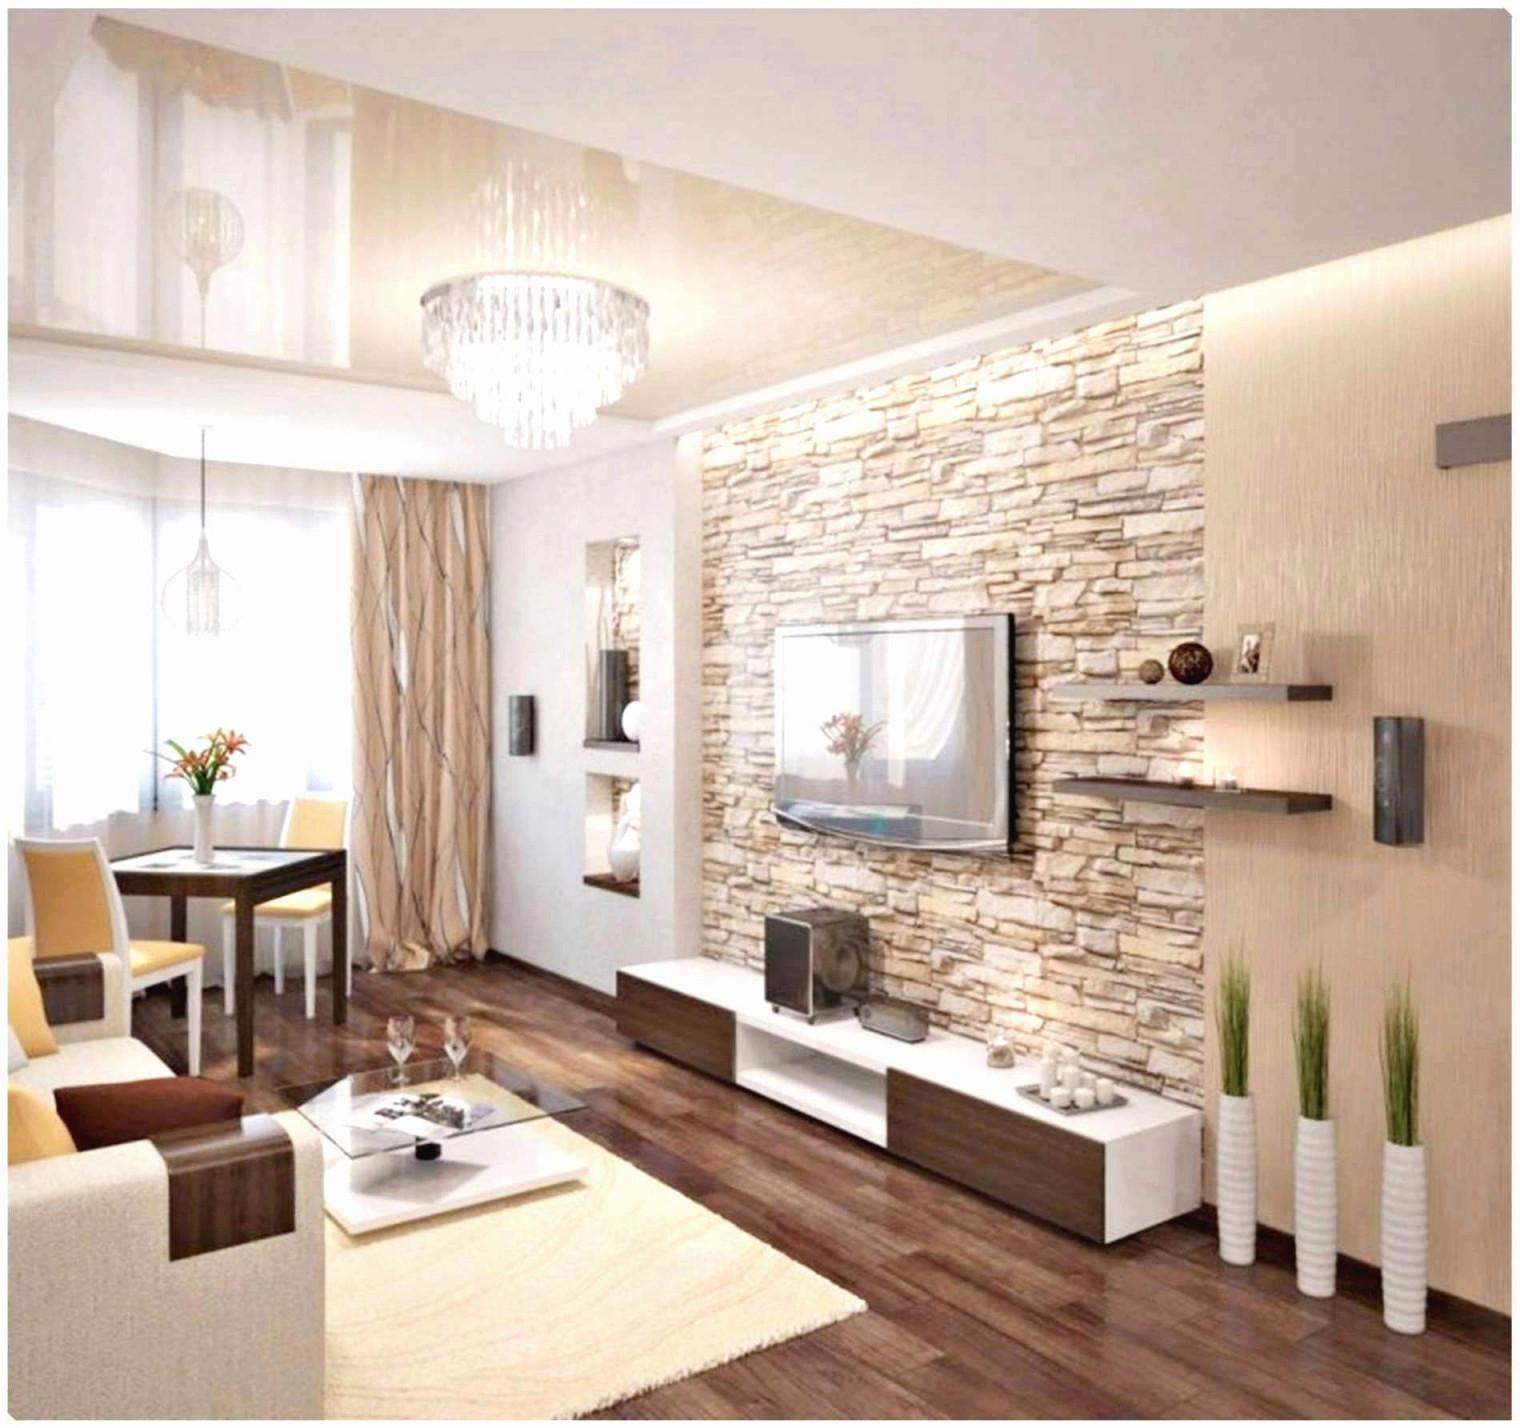 Wohnzimmer Einrichten Landhausstil Modern Das Beste Von von Wohnzimmer Einrichten Landhausstil Modern Photo